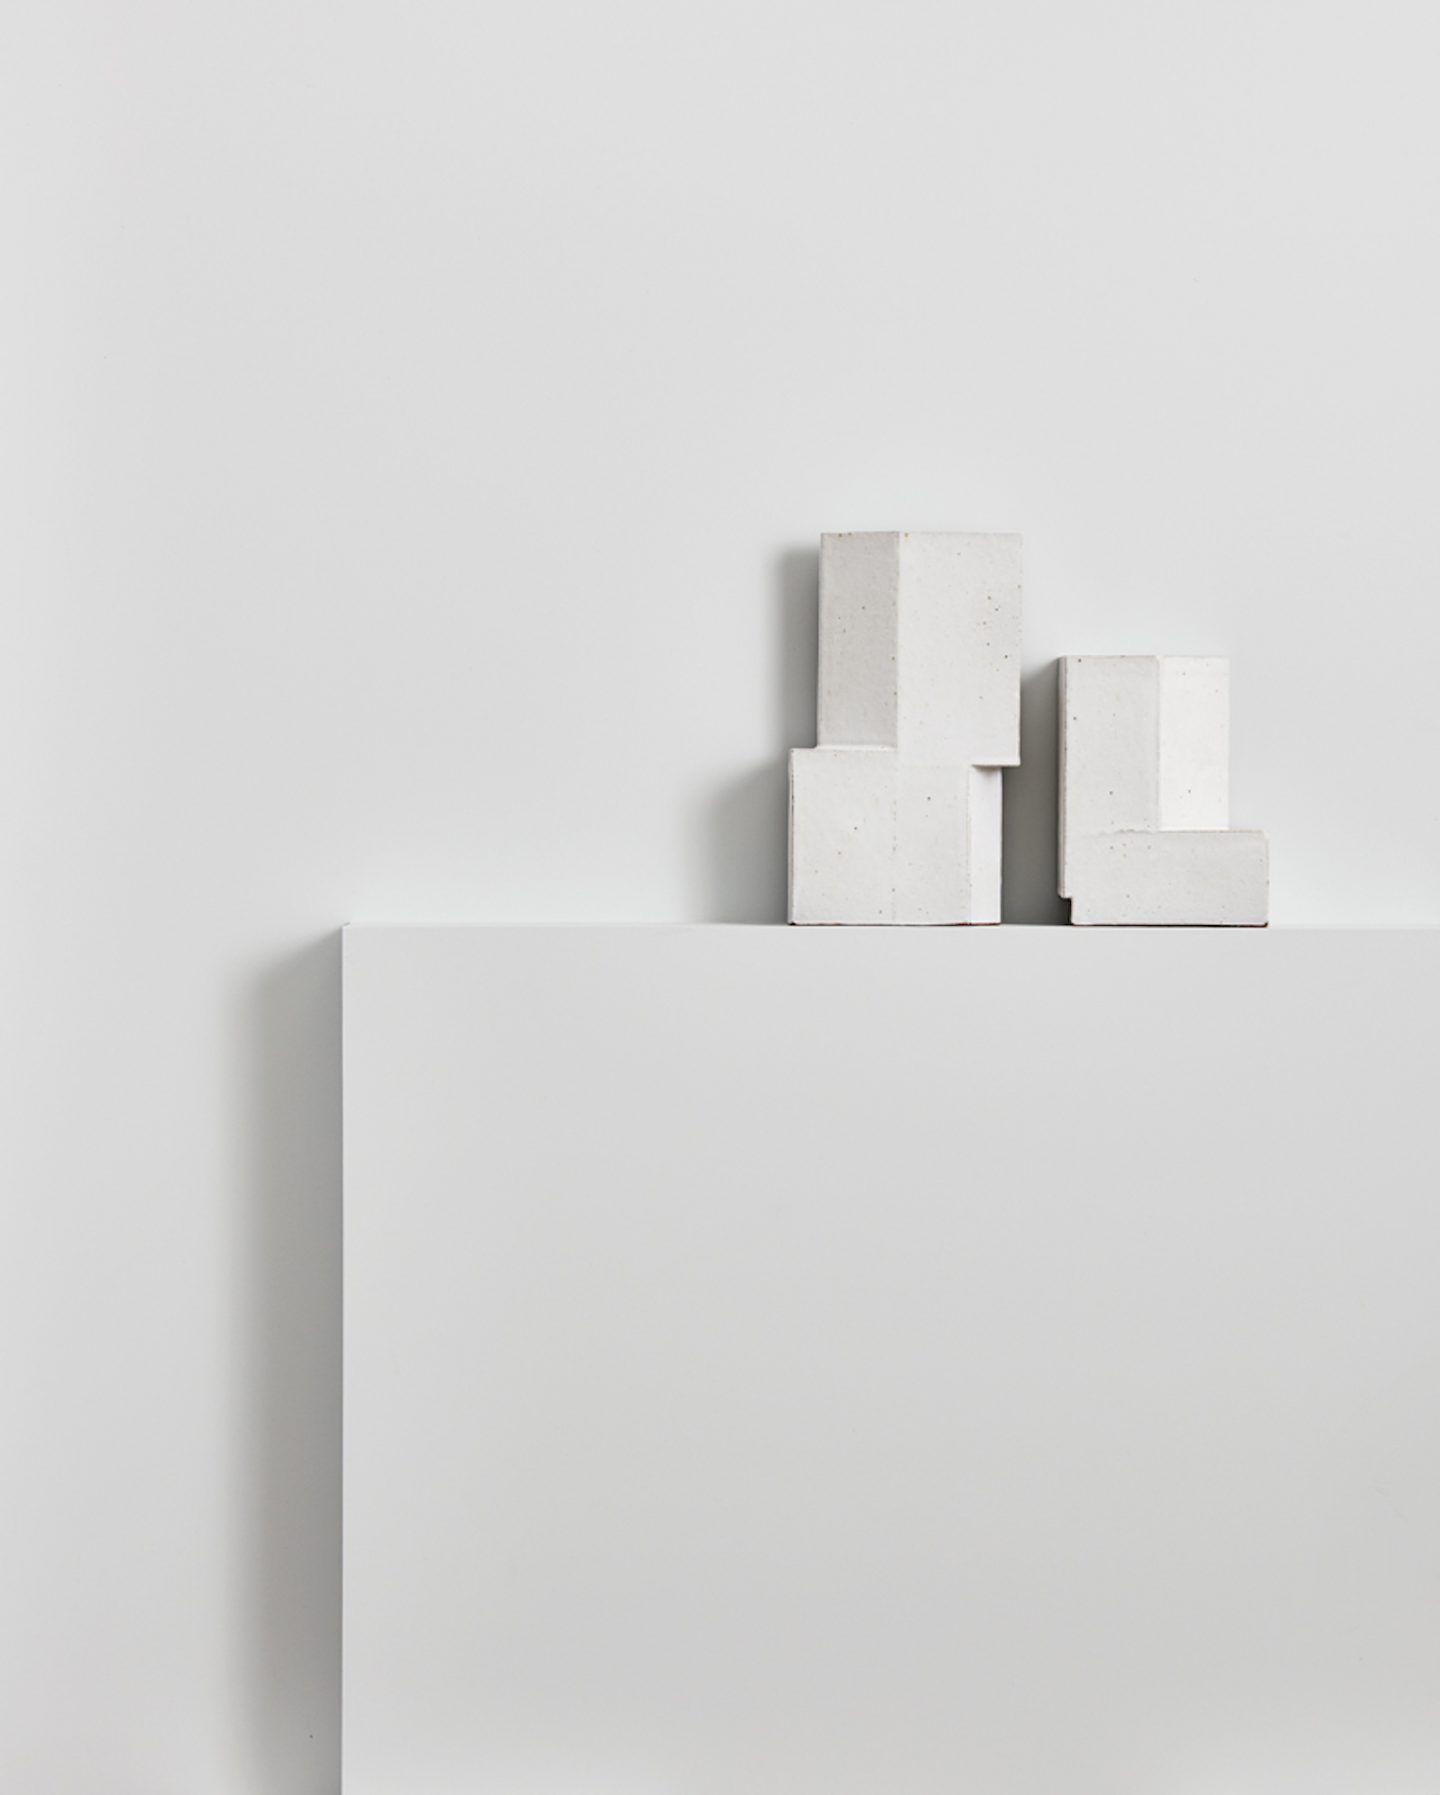 IGNANT-Design-Bruce-Rowe-Structures-09